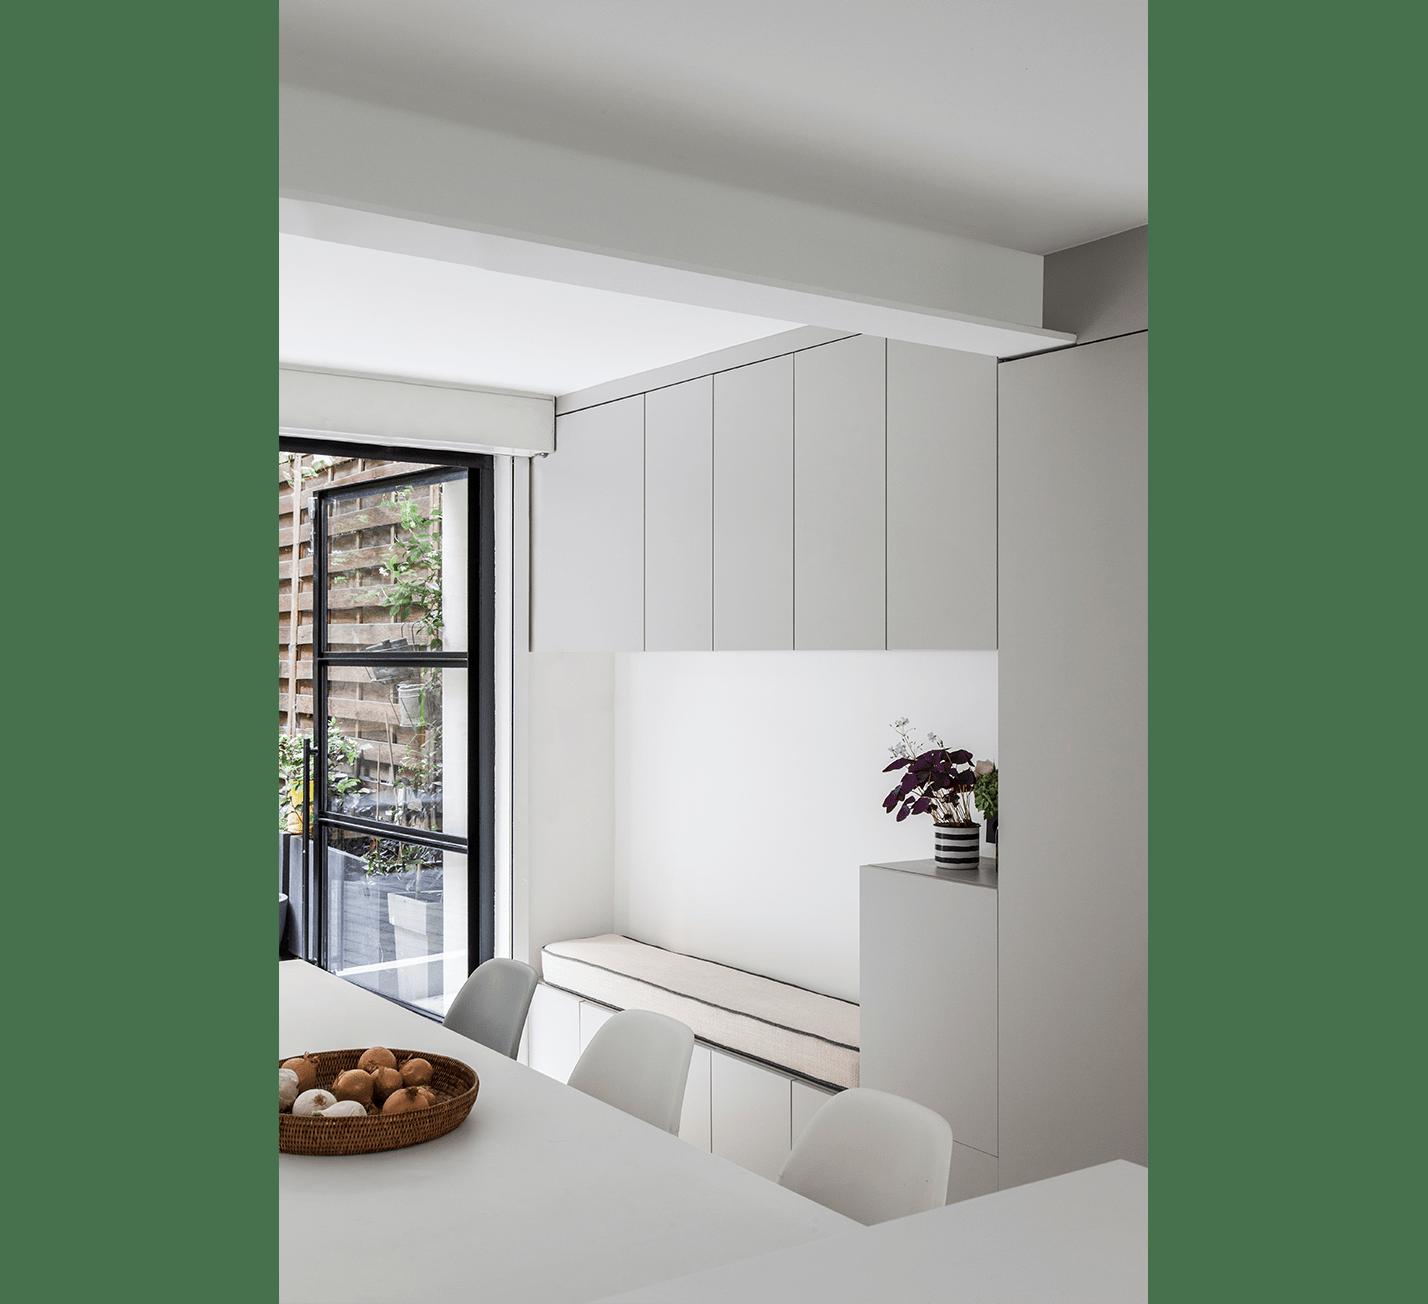 Projet-Square-Chaure-Atelier-Steve-Pauline-Borgia-Architecture-interieur-09-min